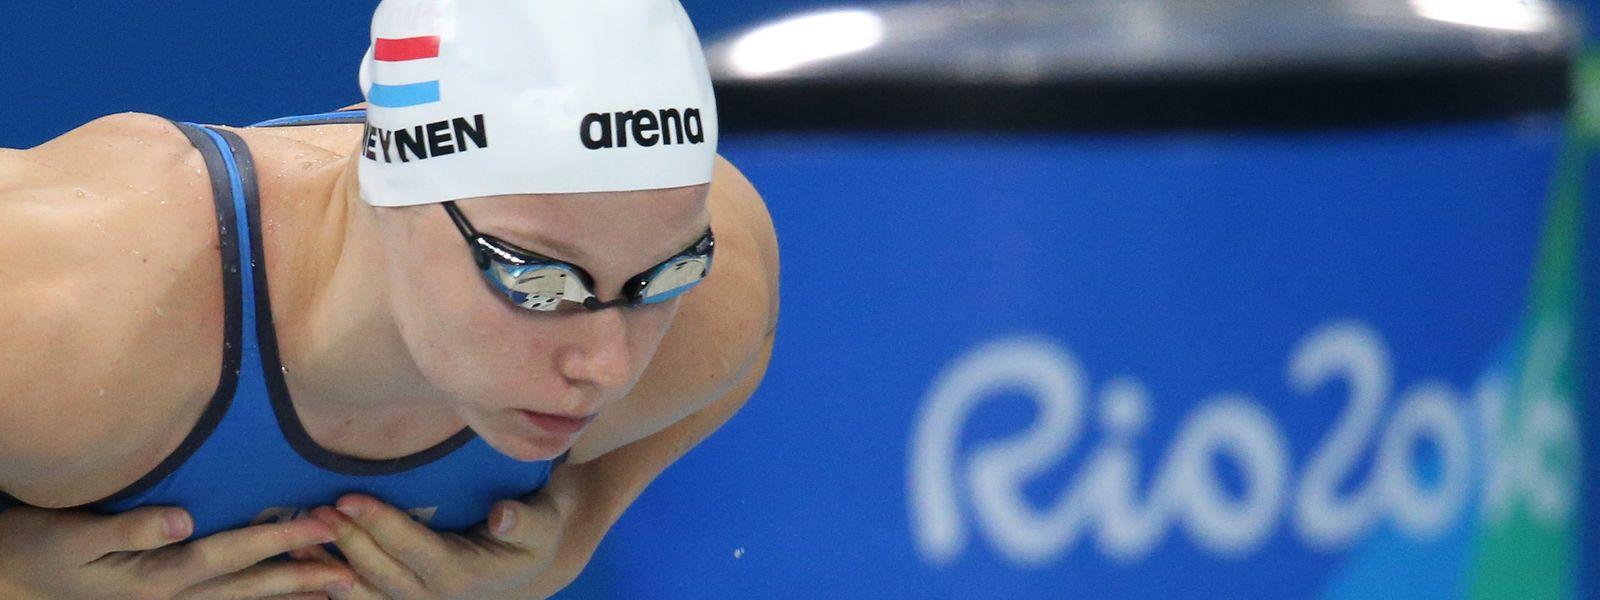 La dernière des sélectionnés luxembourgeois a déjà participé aux Jeux, en 2016 à Rio de Janeiro.